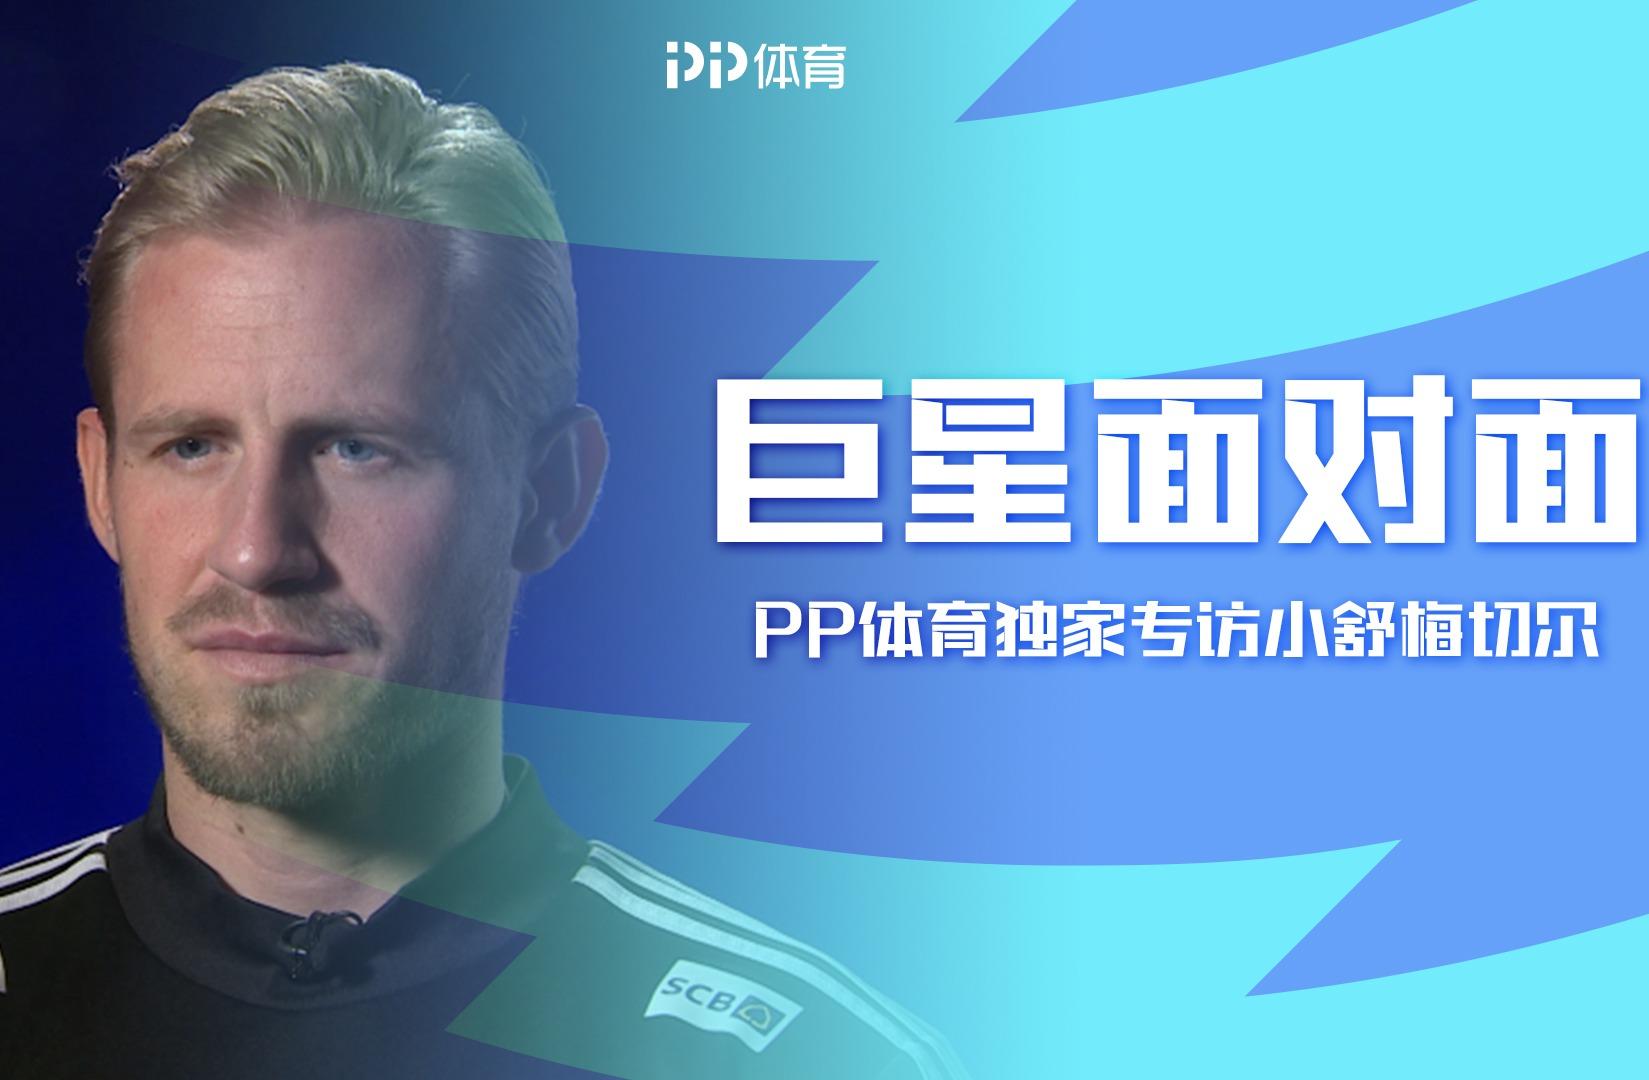 PP体育专访小舒梅切尔:战绩得益于罗杰斯 对蓝月红军力争取胜